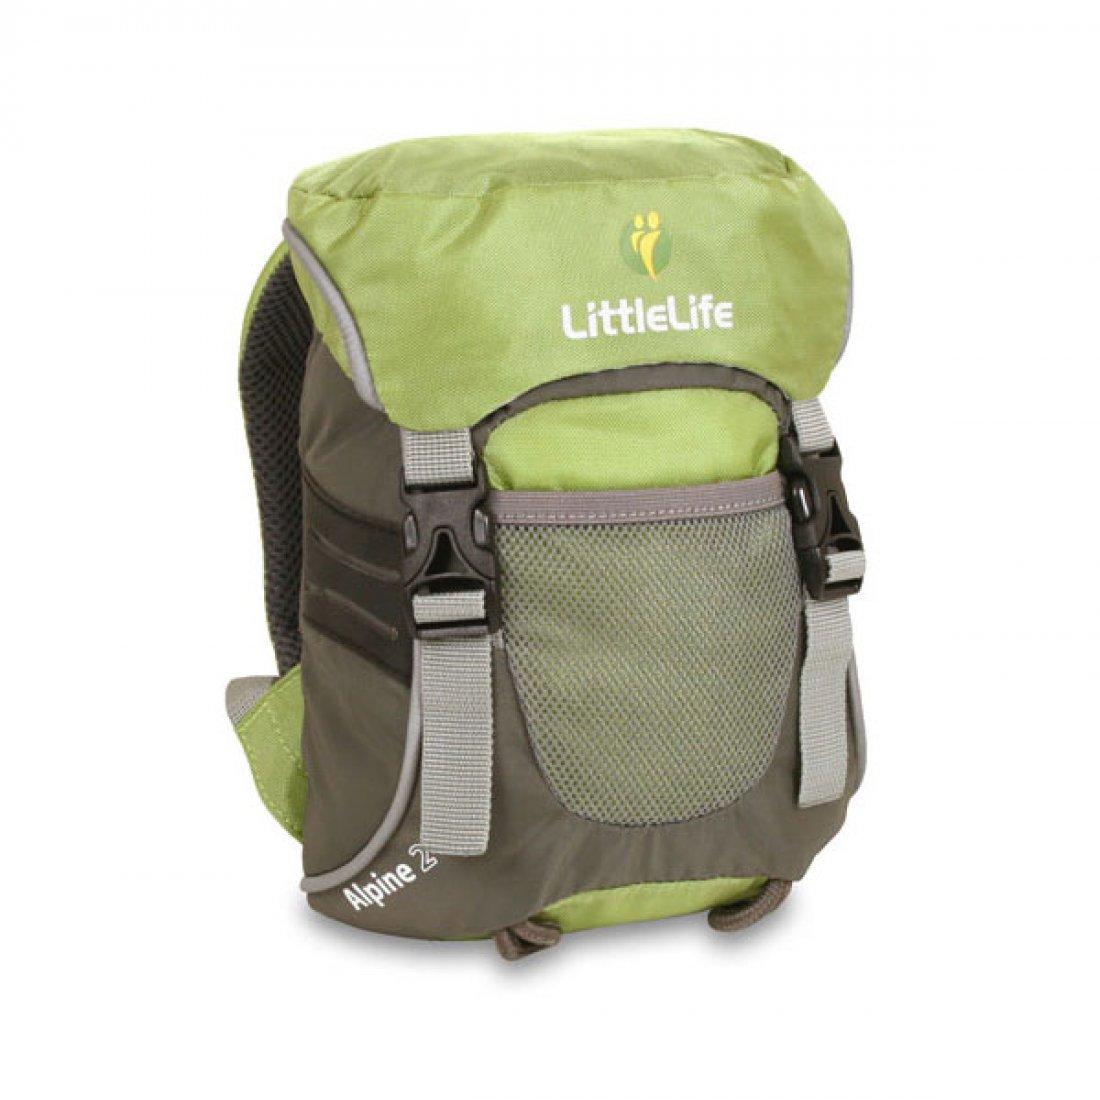 alpine 2 toddler backpack with rein toddler backpacks. Black Bedroom Furniture Sets. Home Design Ideas